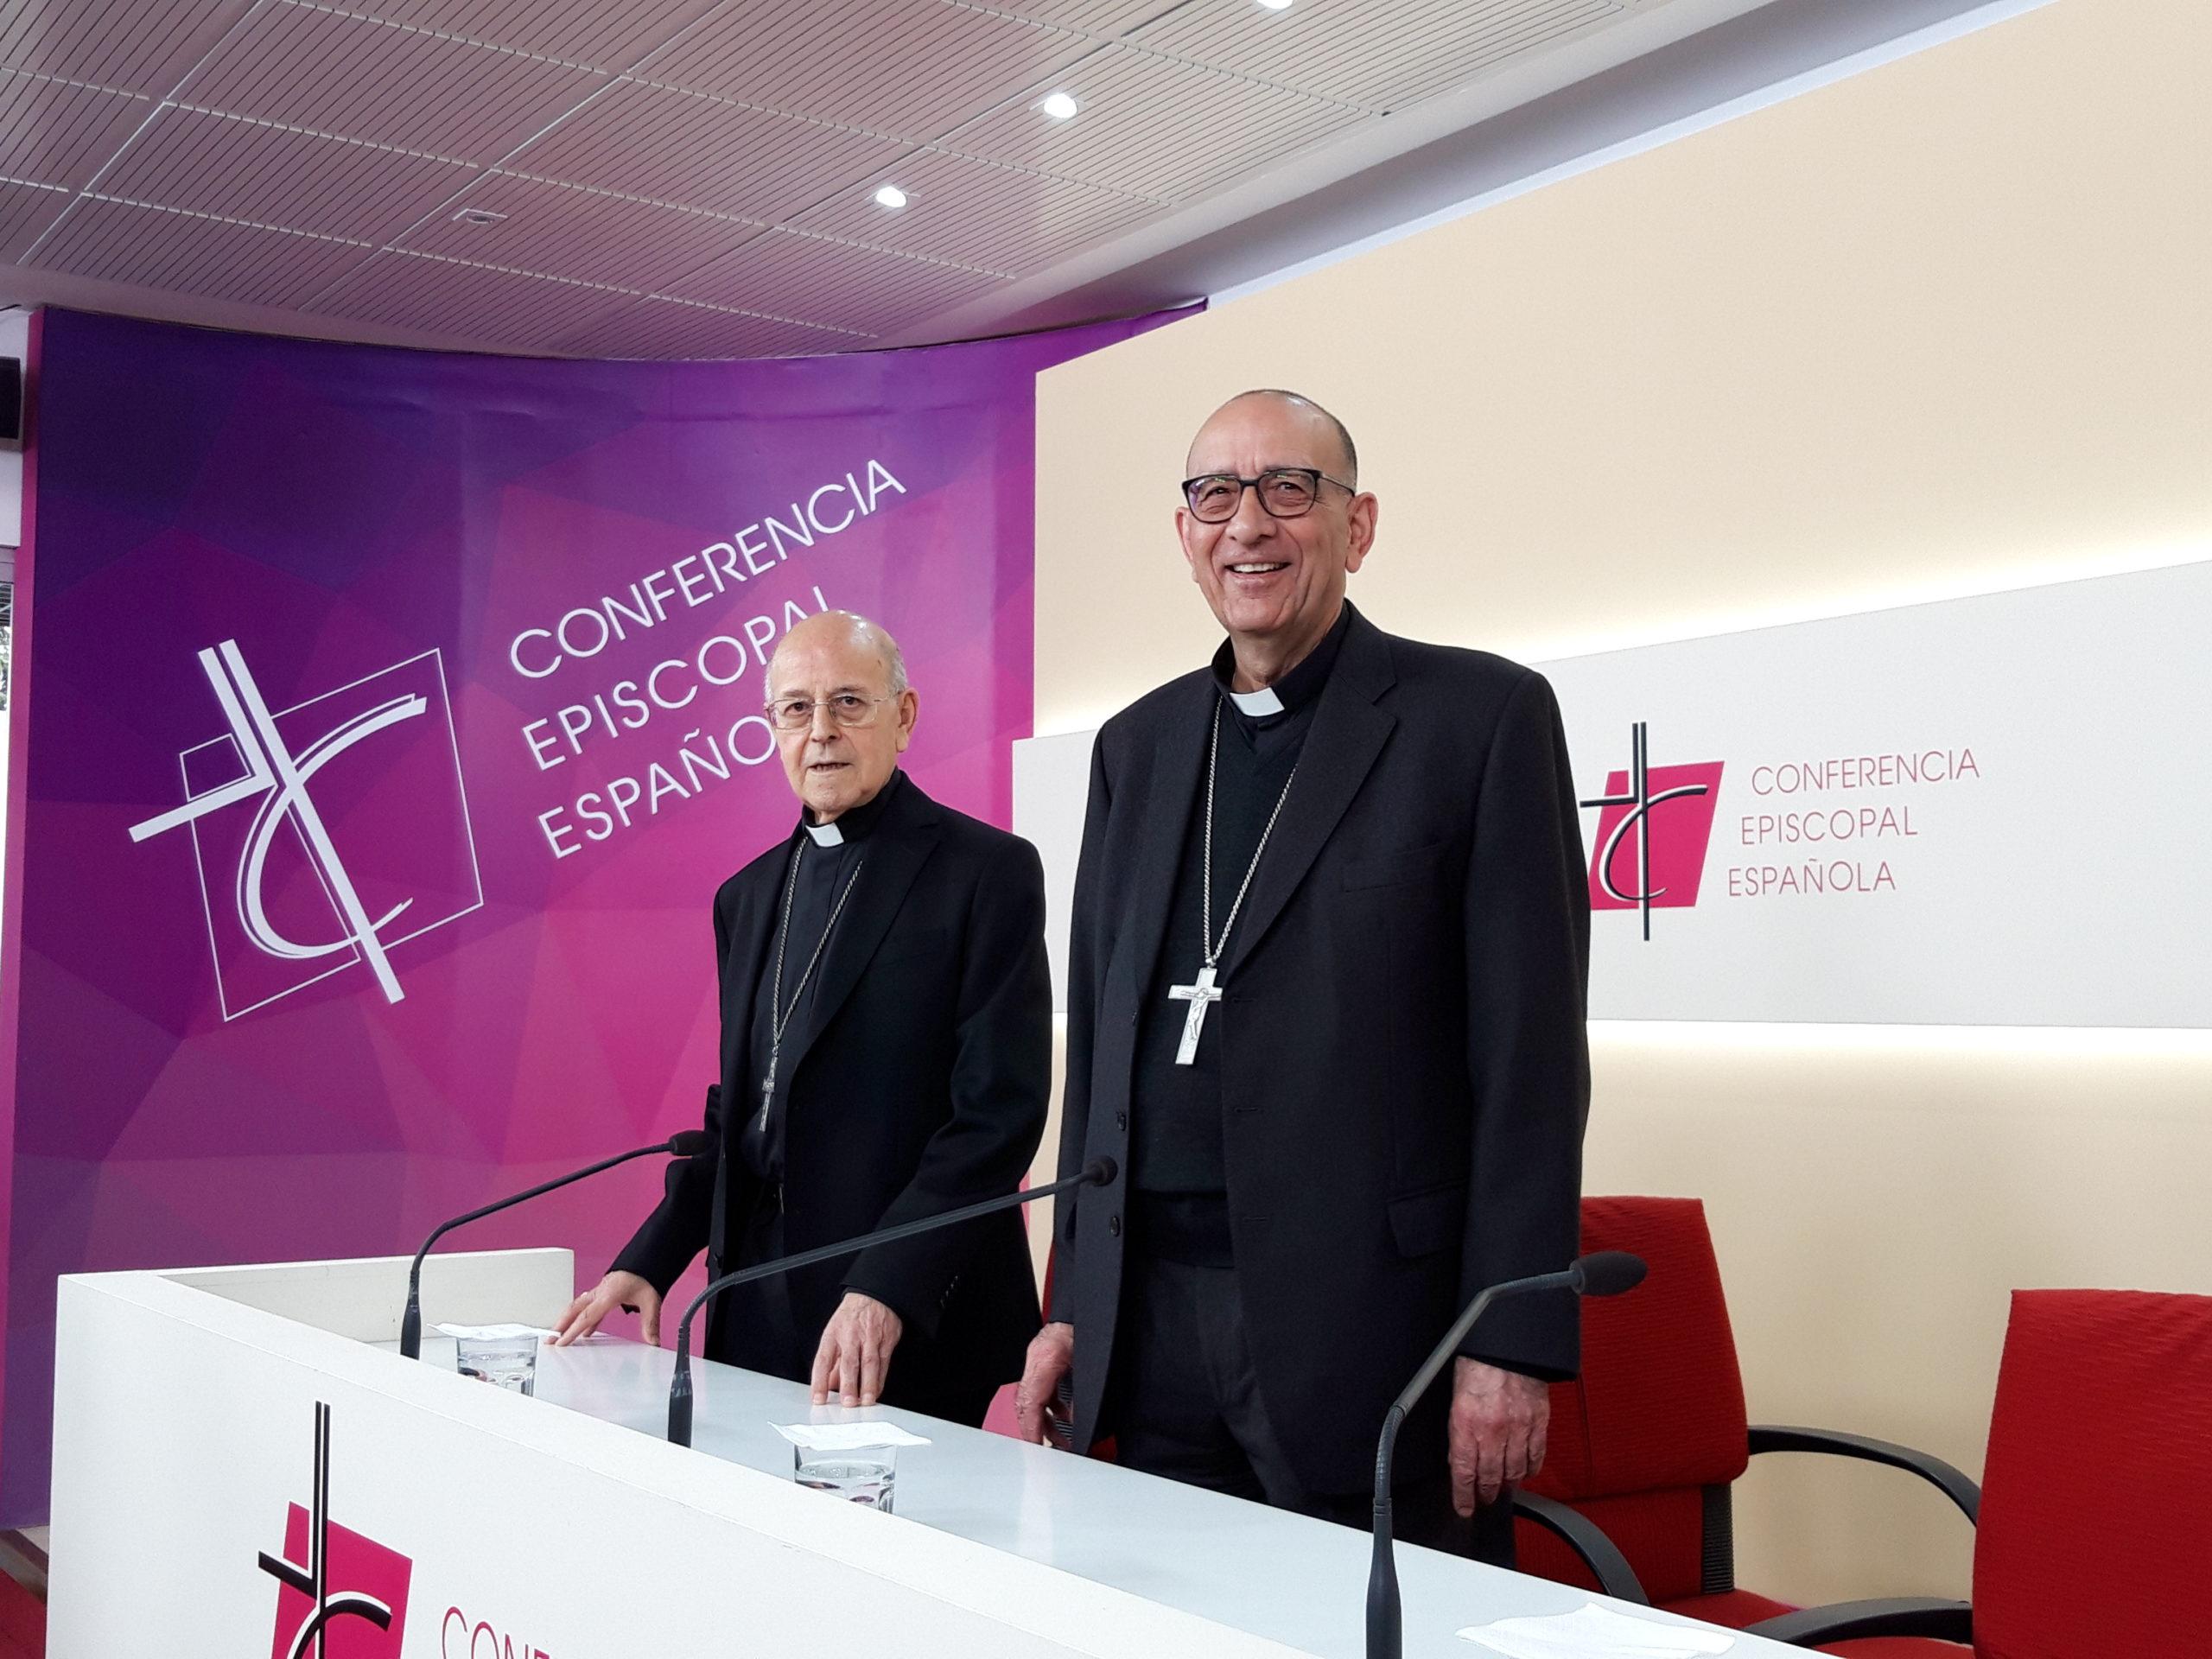 El cardenal Omella sustituye al cardenal Blázquez en la presidencia de la CEE © zenit/Rosa Die